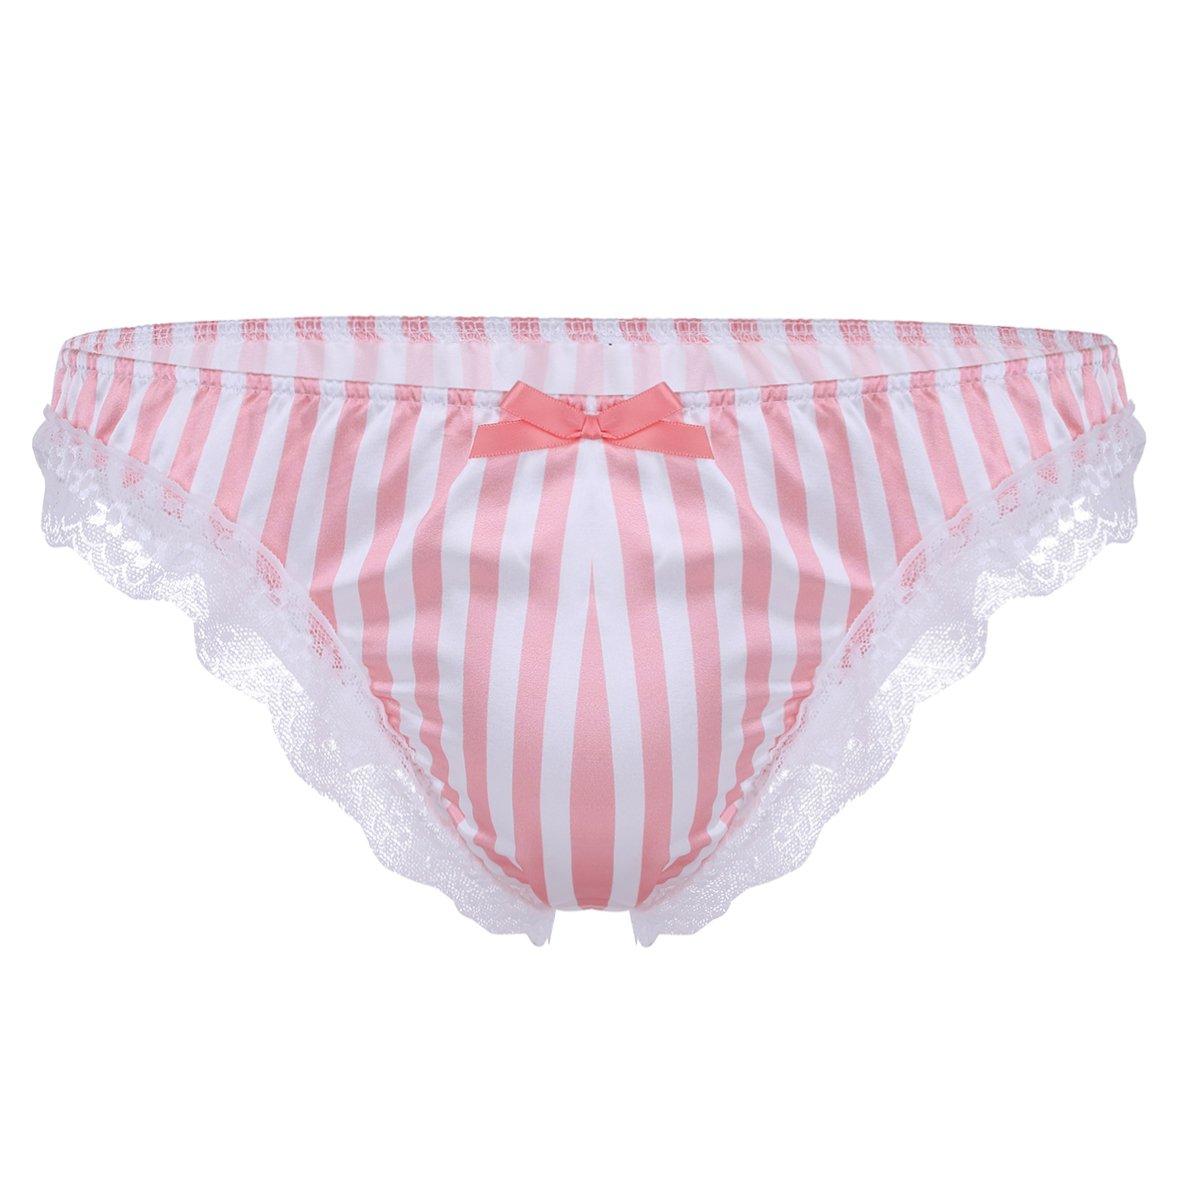 YiZYiF Men's Silky Satin Flutter Striped Print Ruffled Underwear Sissy Panties